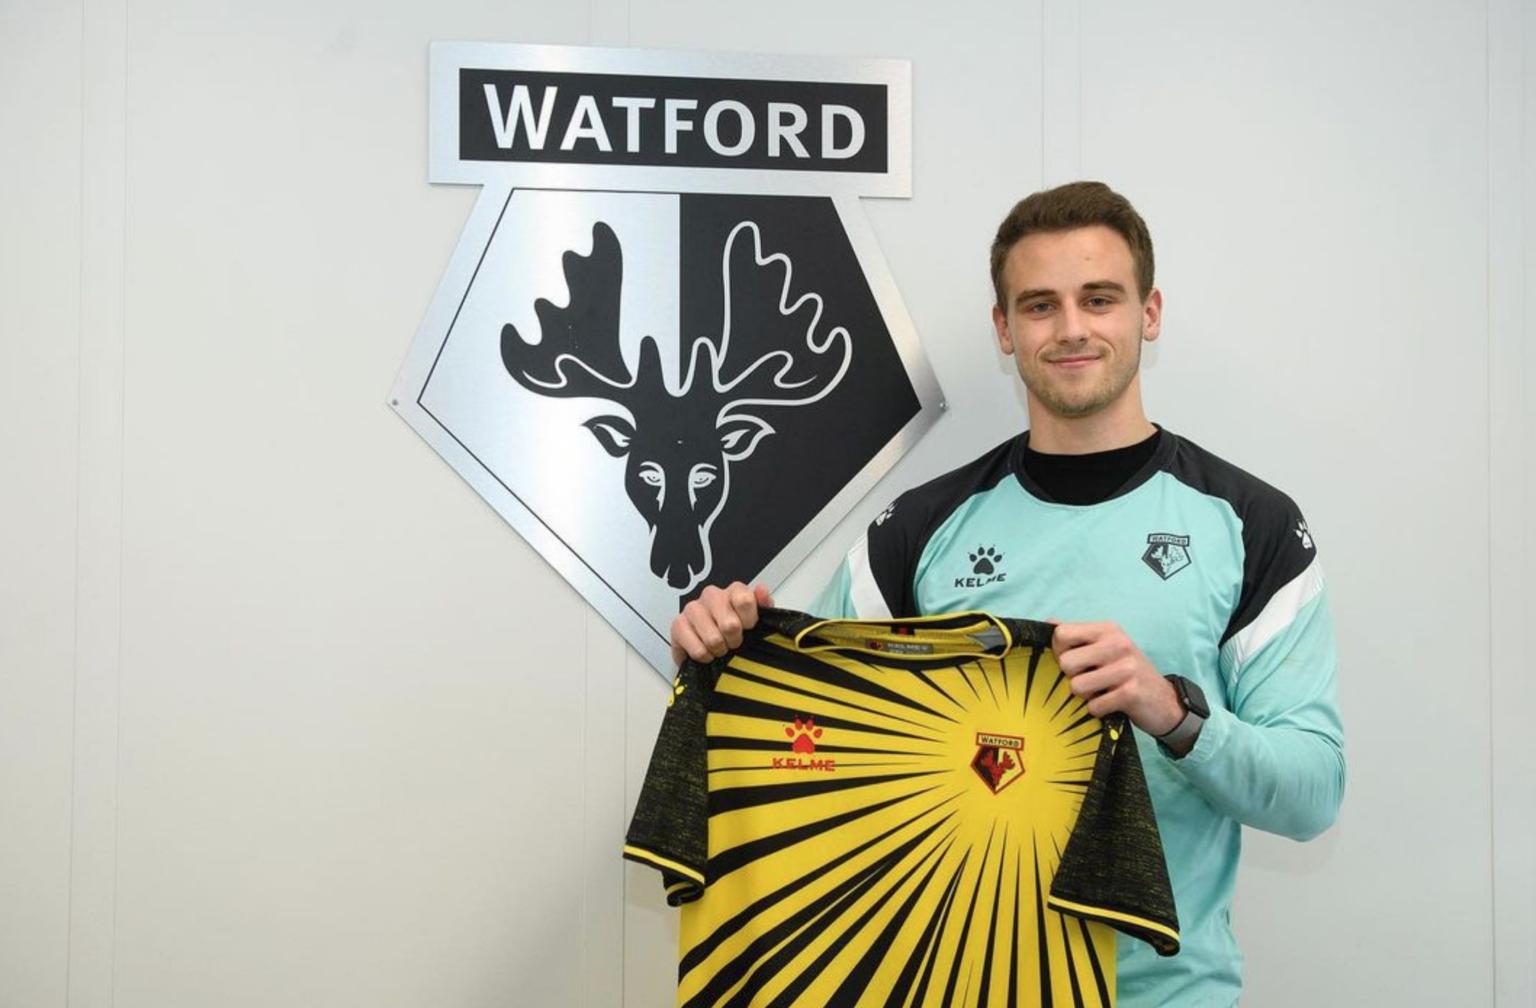 Bây giờ, Mitchel bắt đầu xây dựng tên tuổi mình bằng sự khởi đầu ở Watford